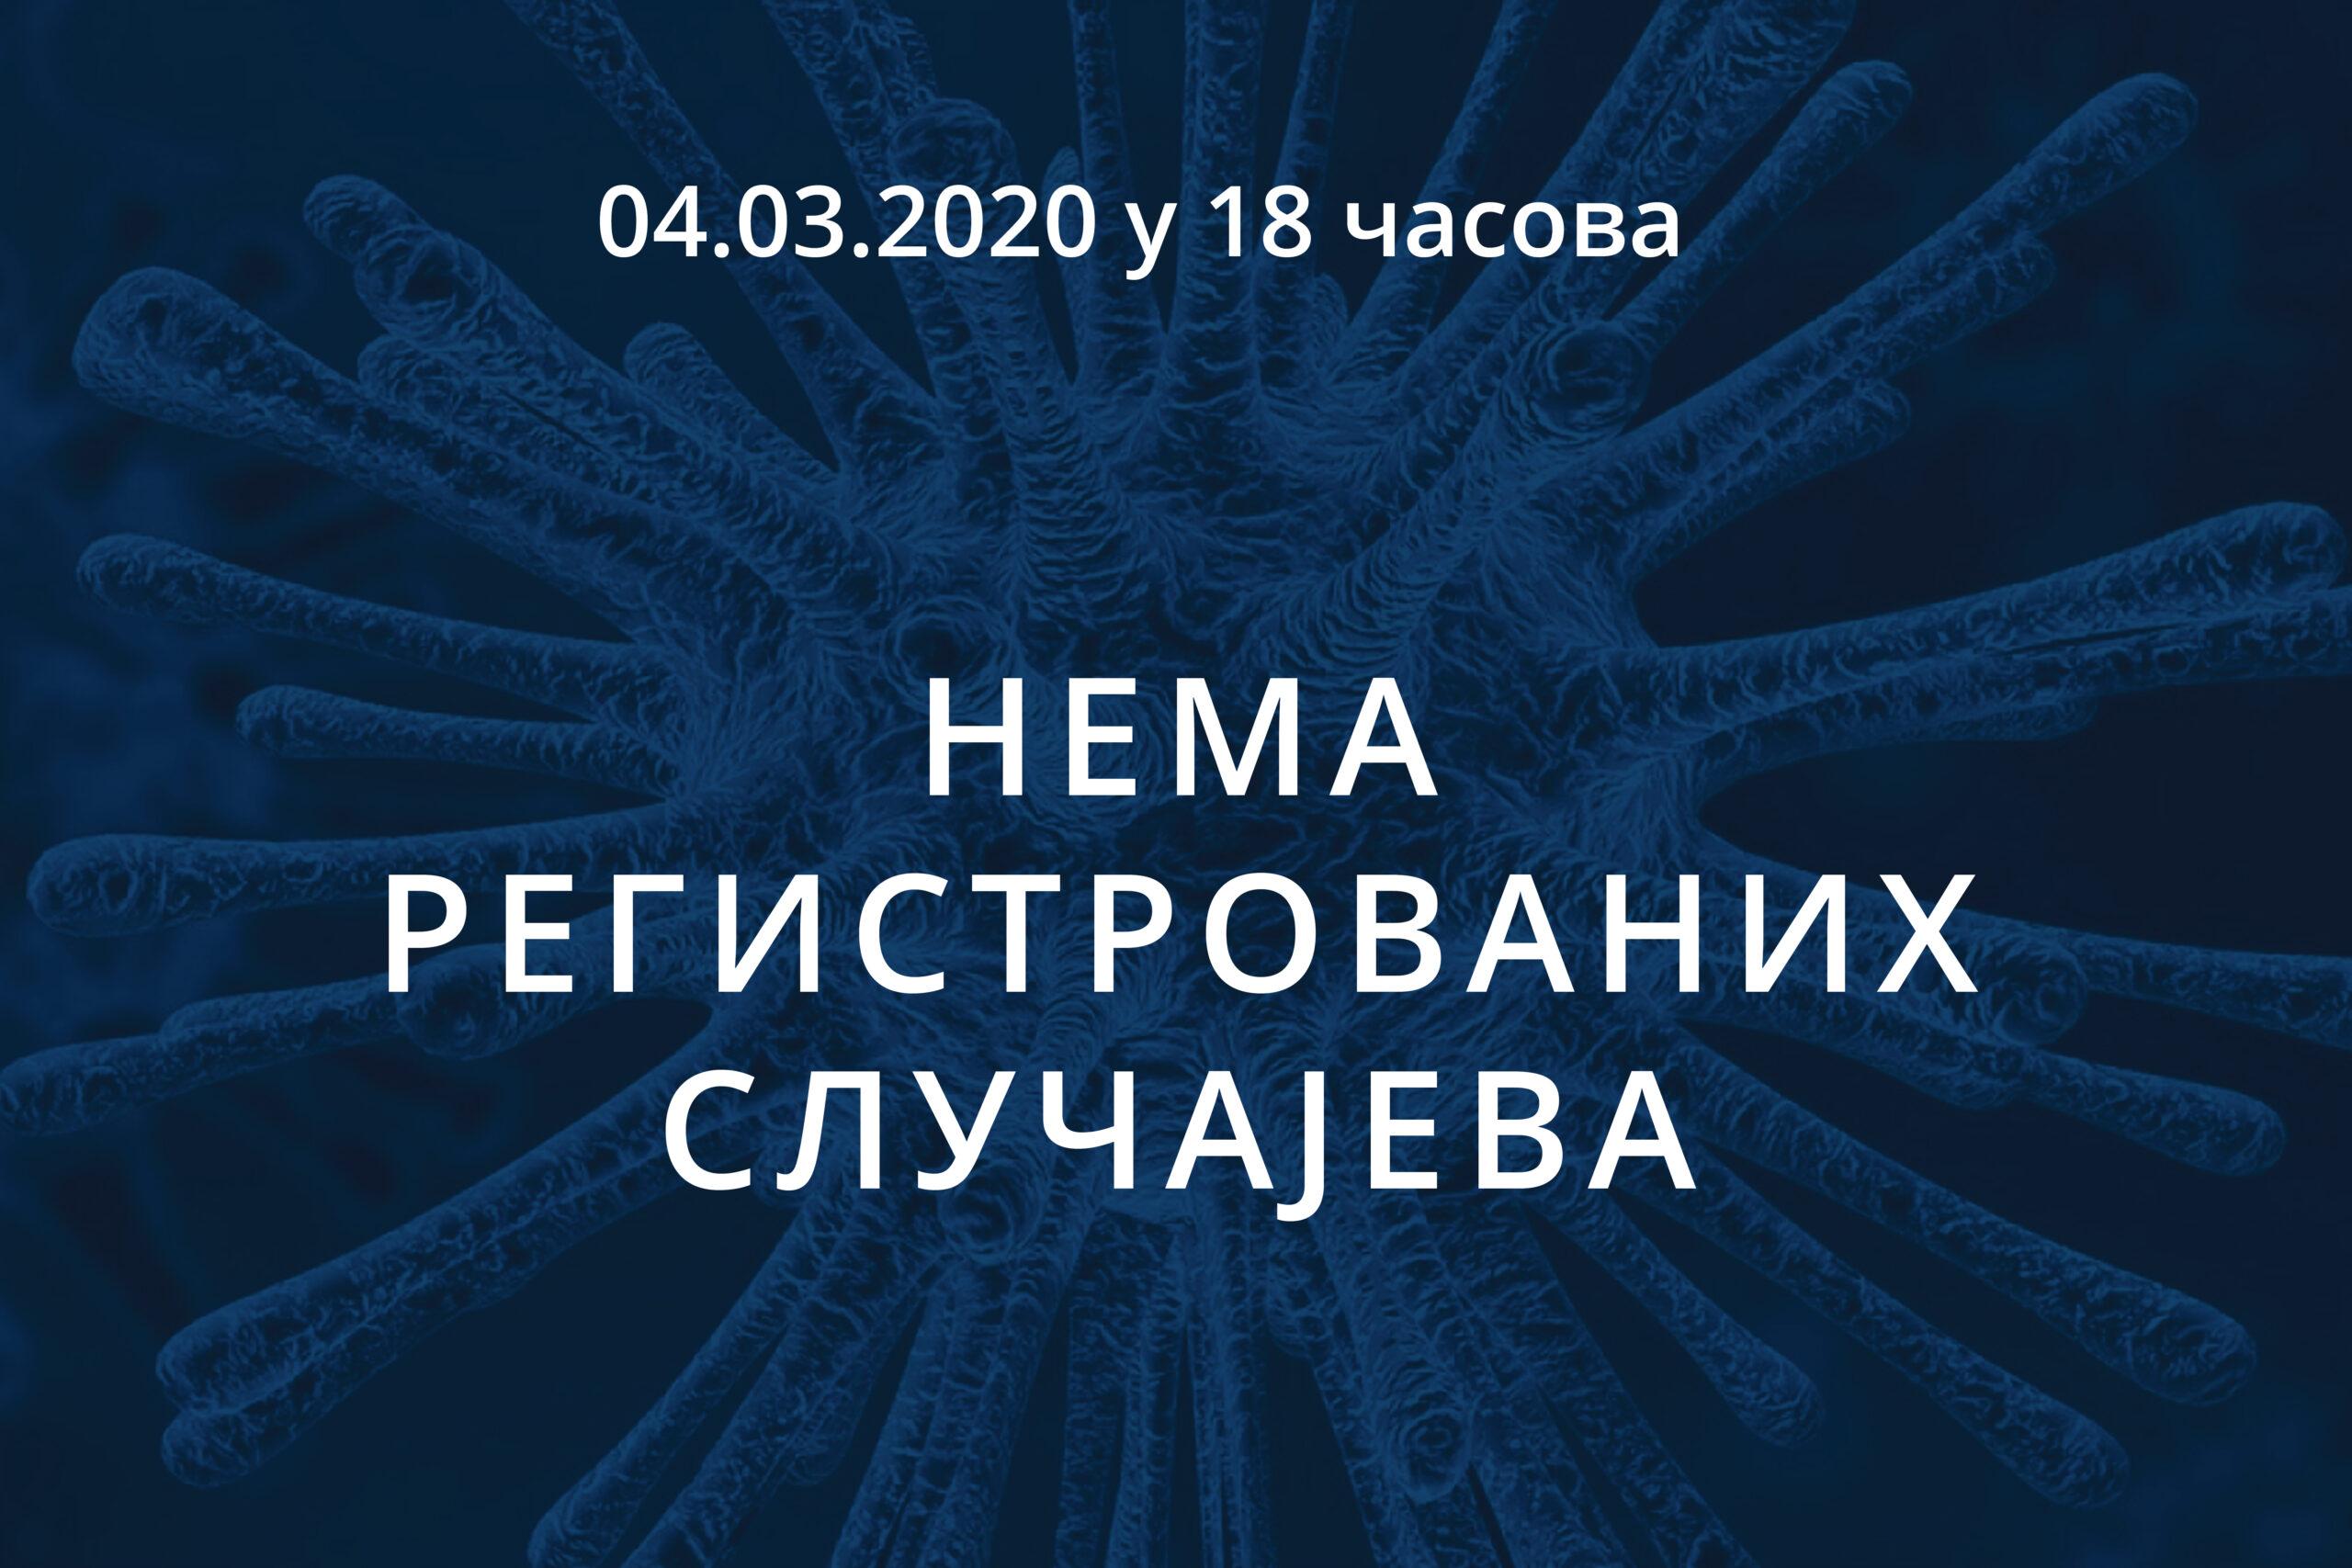 Информације о корона вирусу COVID-19, 04.03.2020 у 18 часова